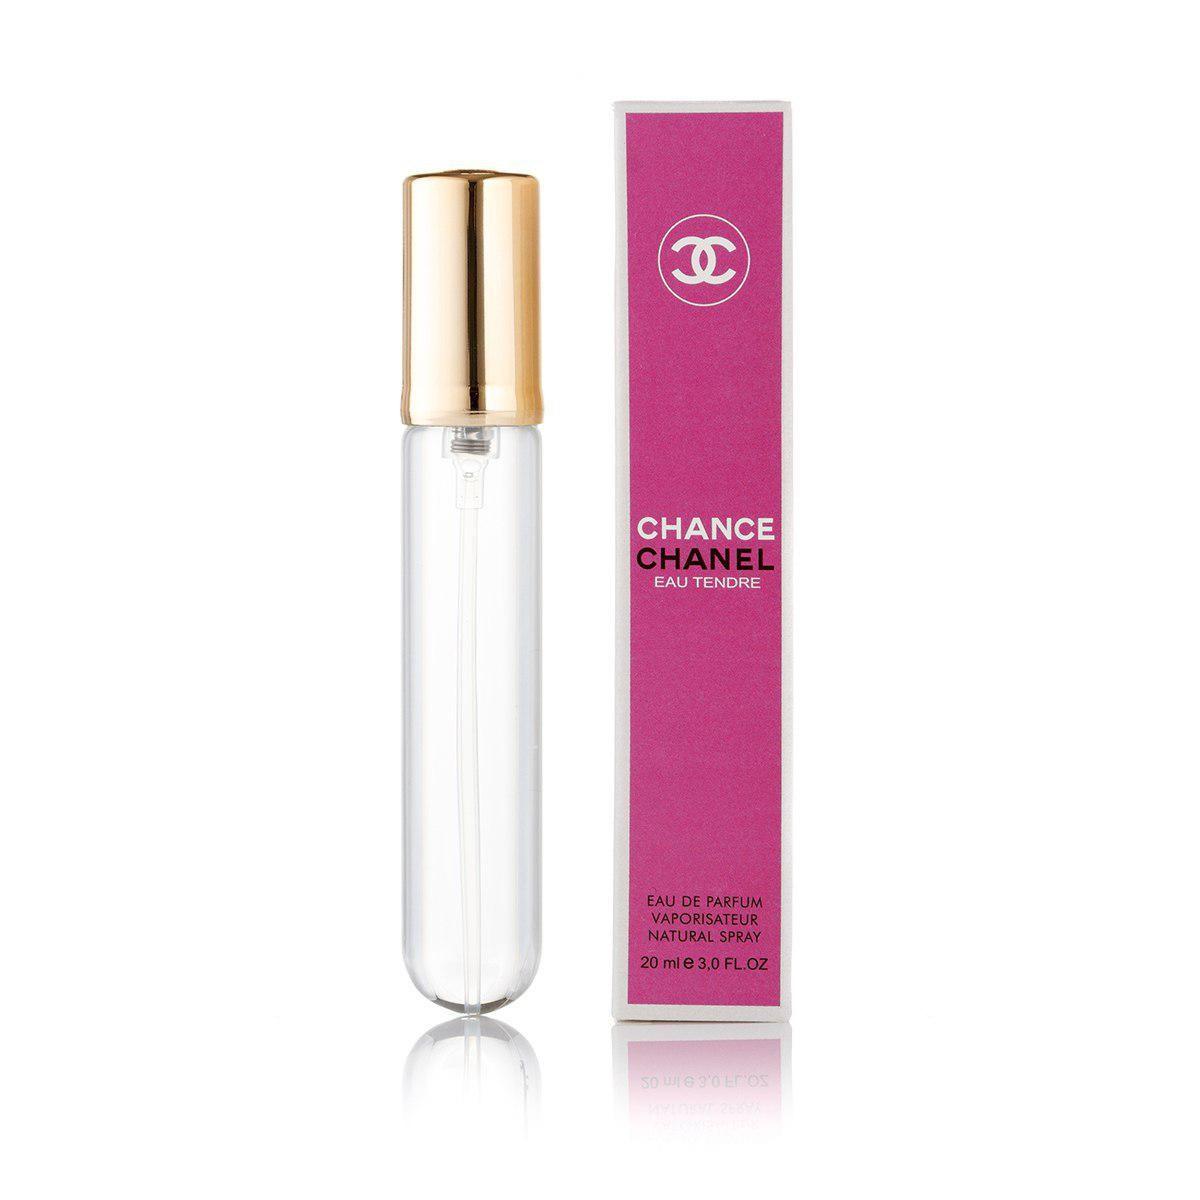 20 мл міні-парфуми Chanel Chance Eau Tendre (ж)